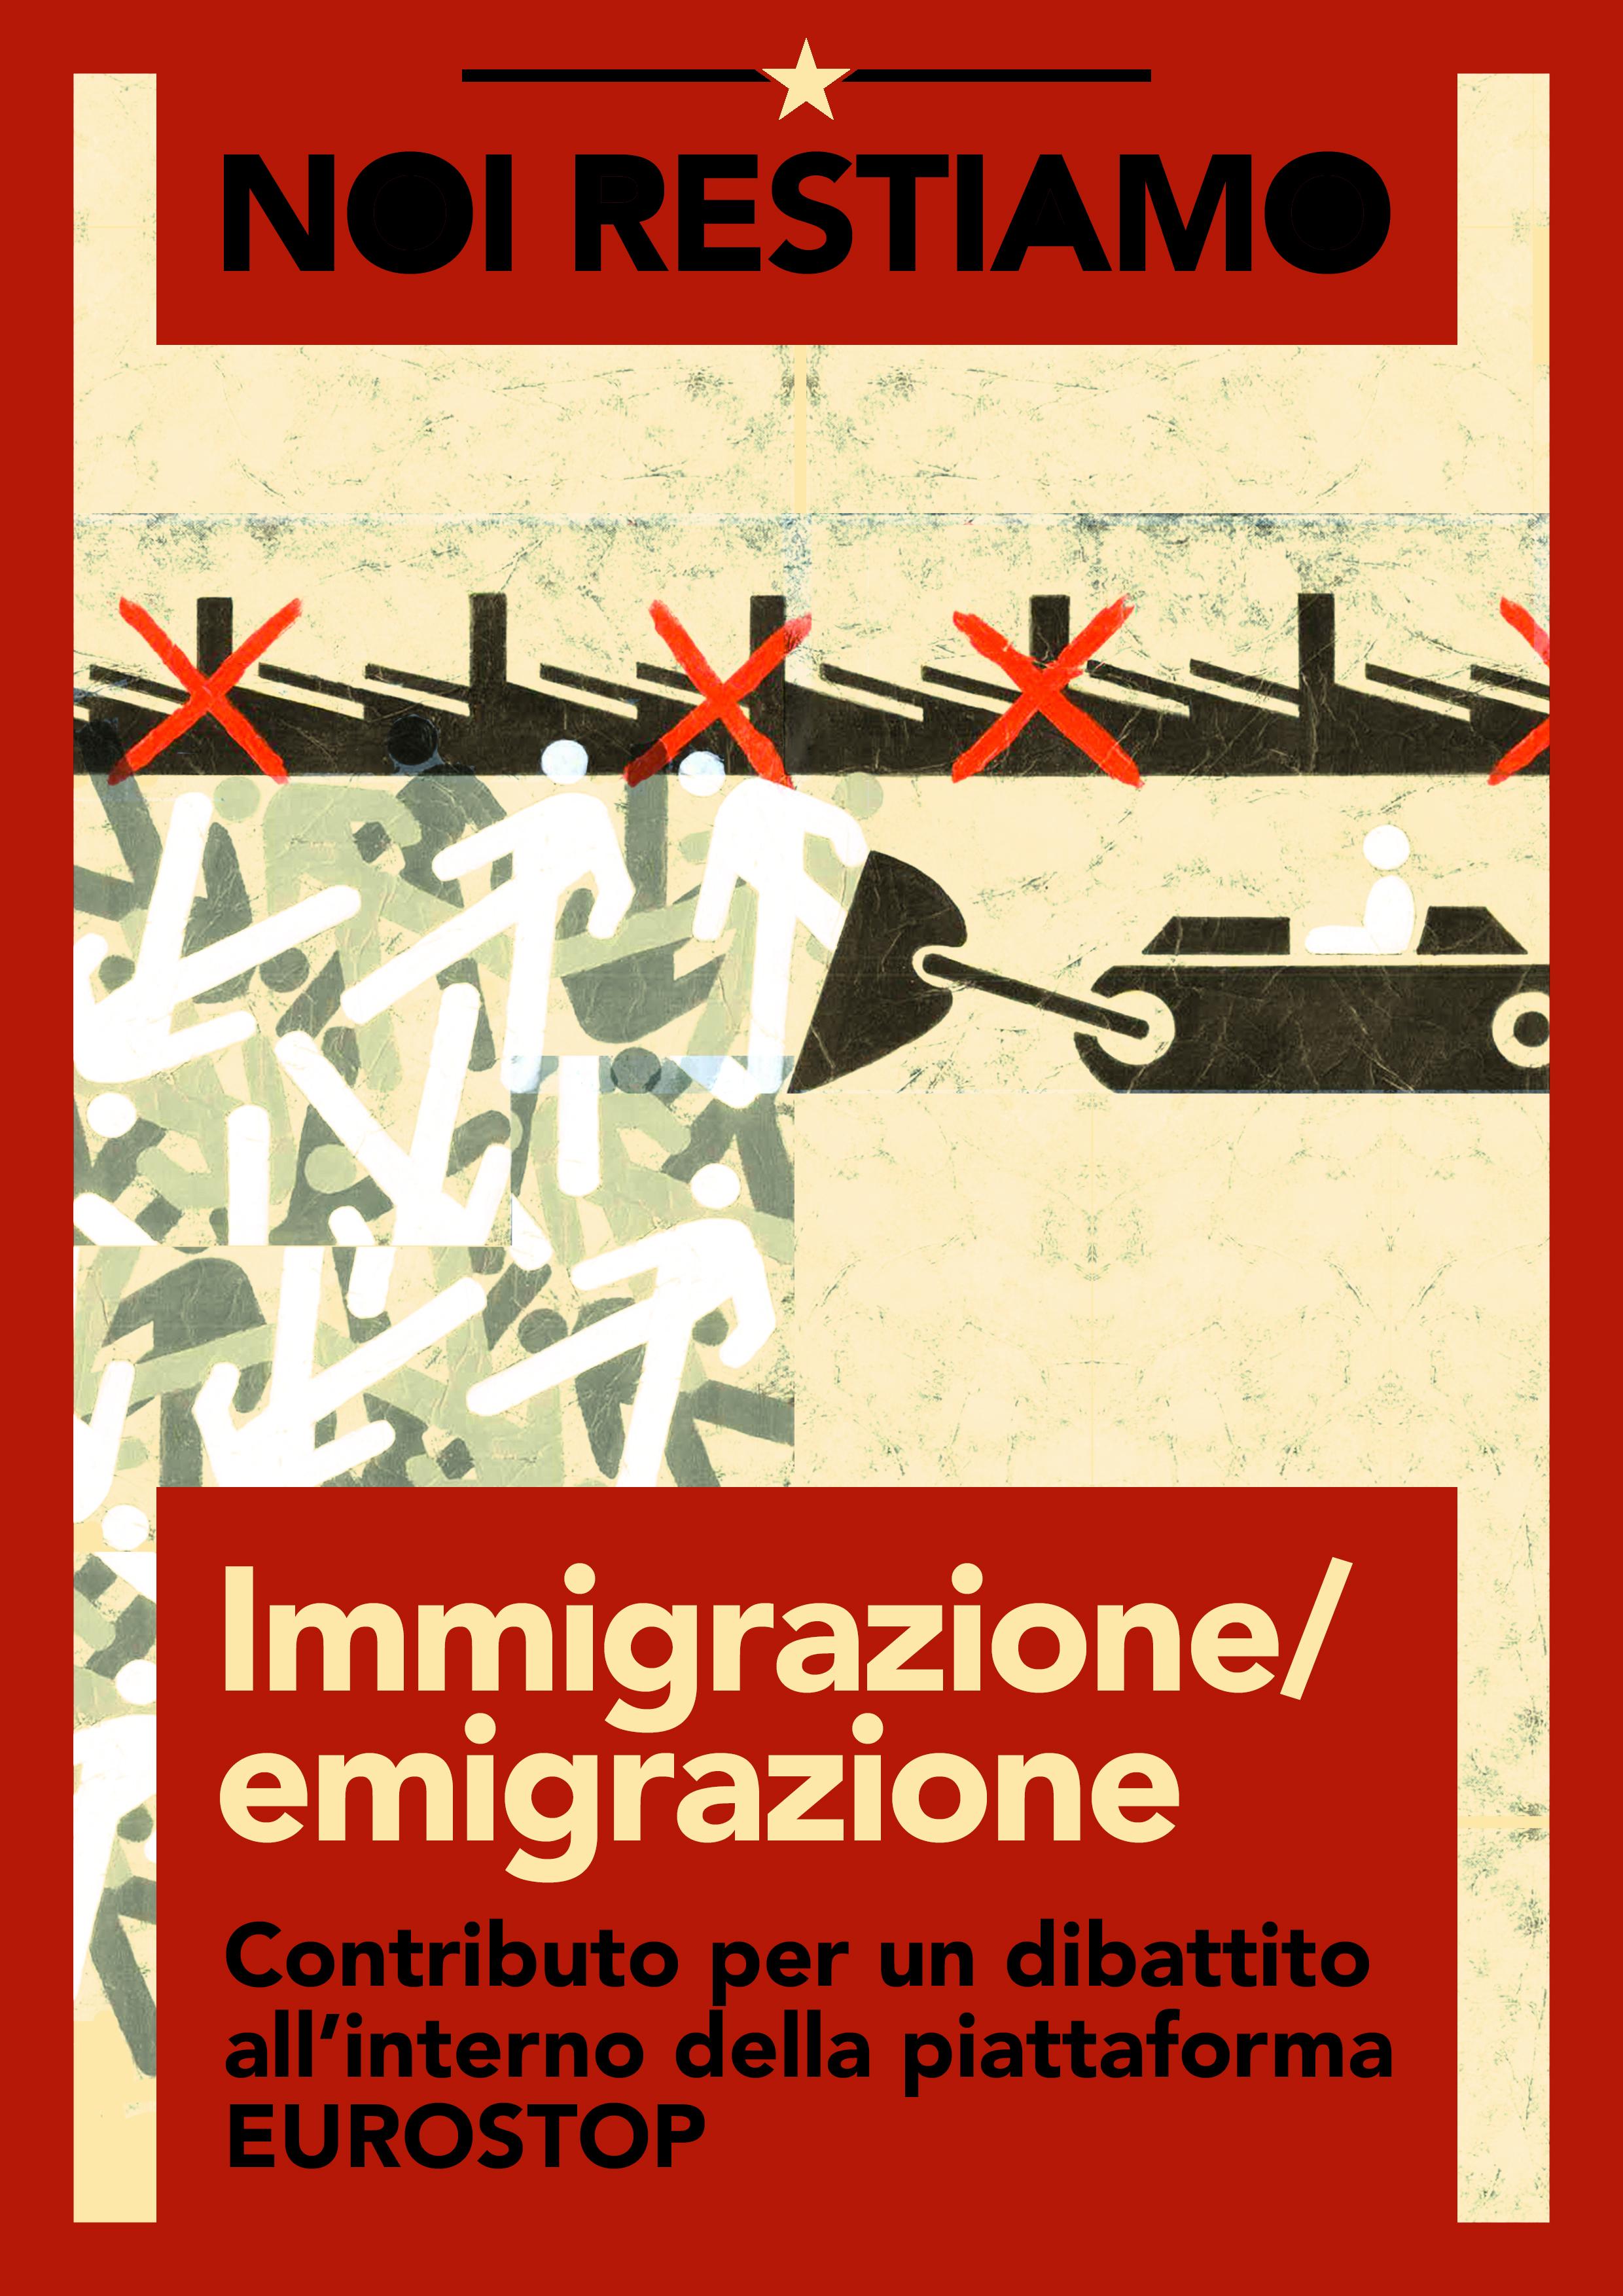 immigrazioneemigrazione